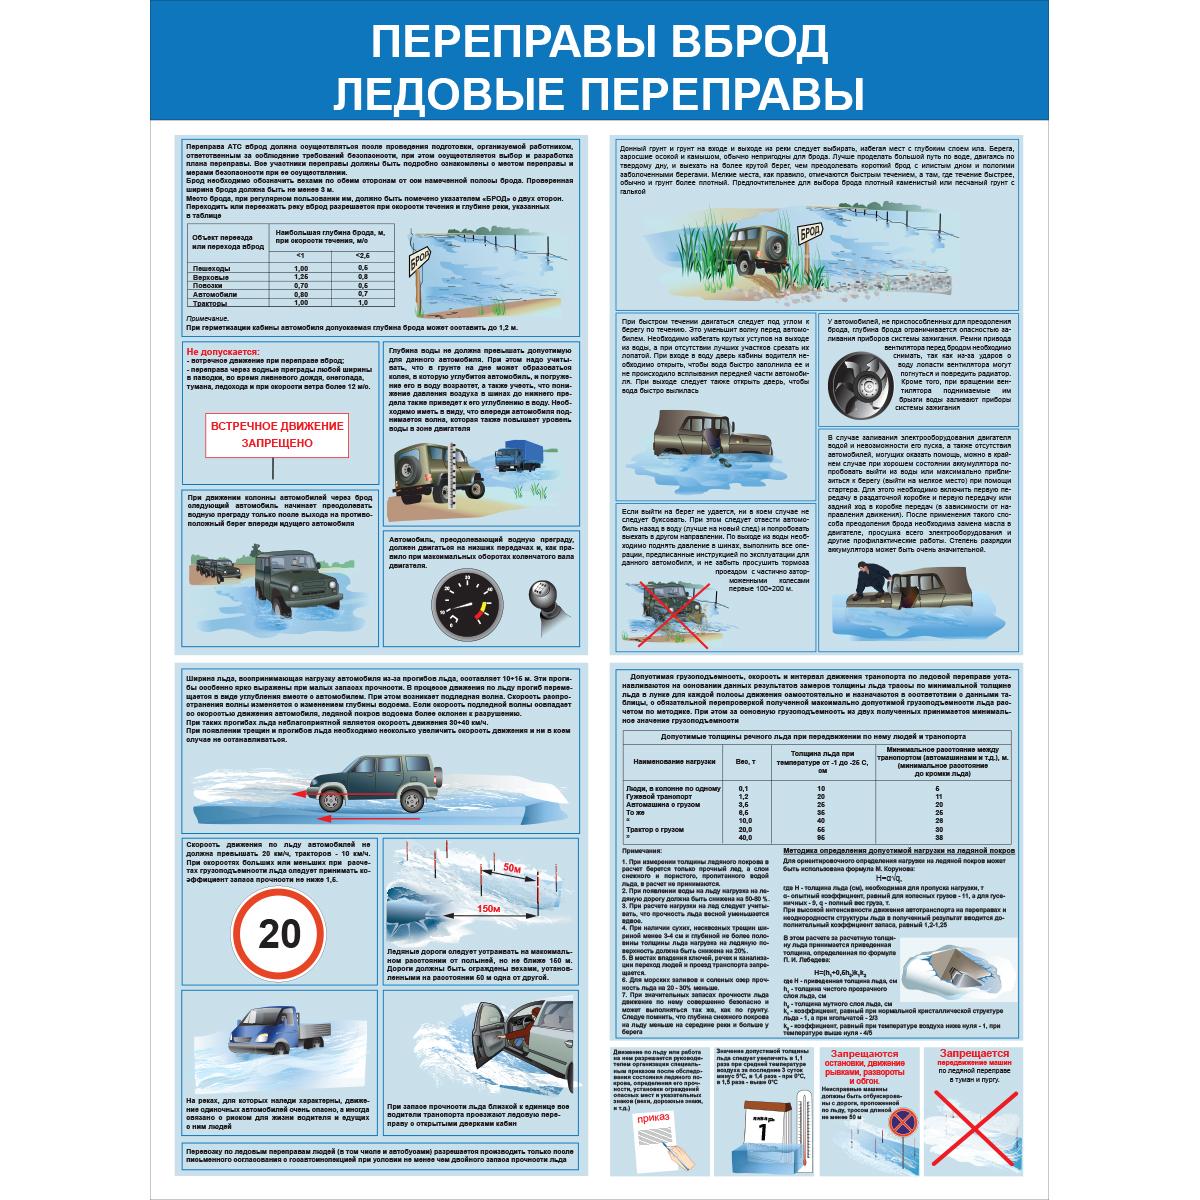 плакат Ледовые переправы,  переправы вброд  1000х700 мм